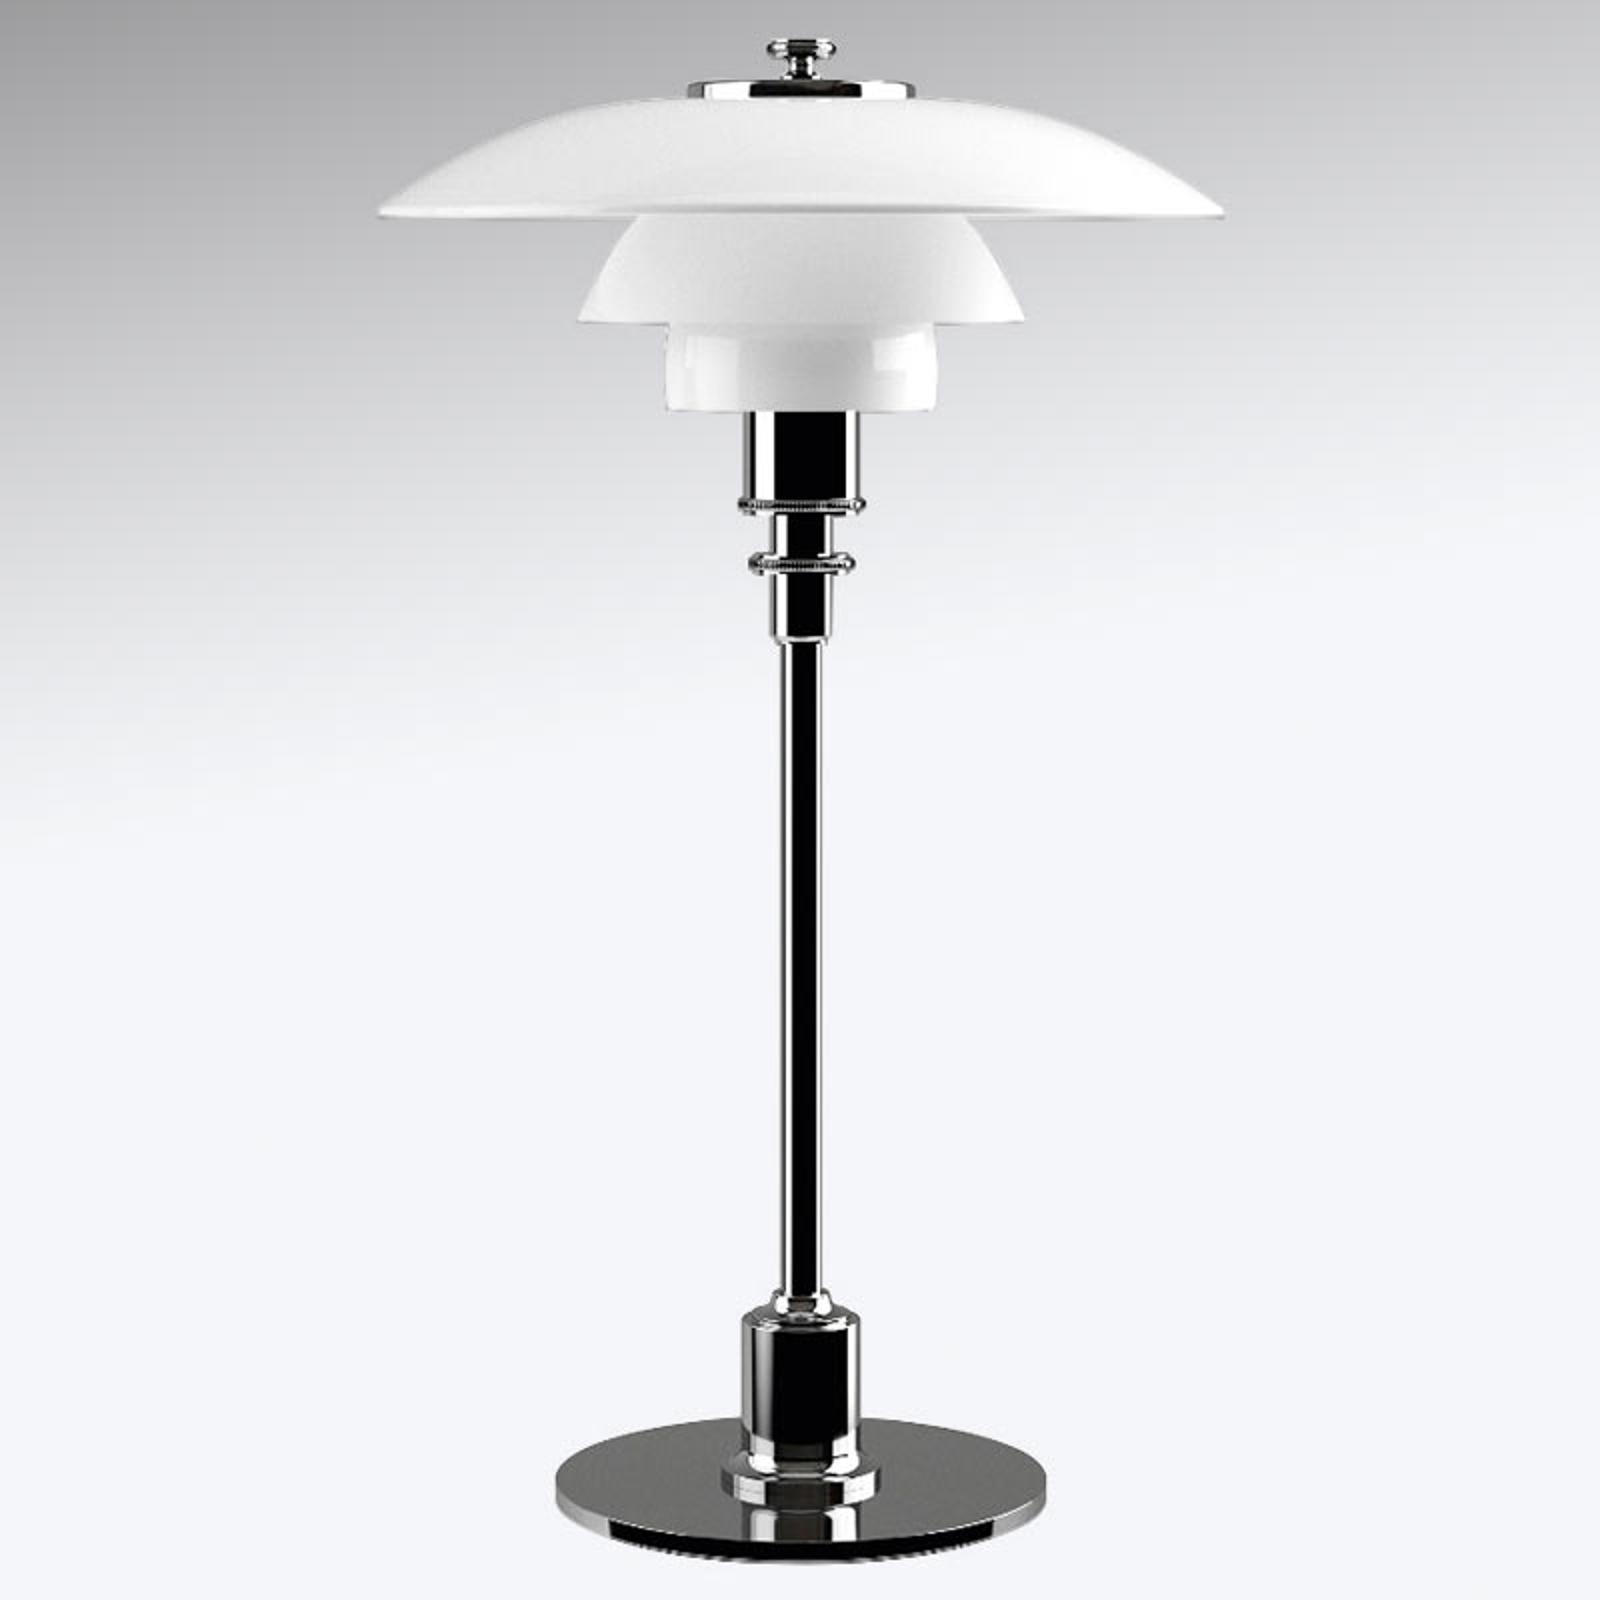 Tafellamp PH 2/1 - voet hoogglans verchroomd